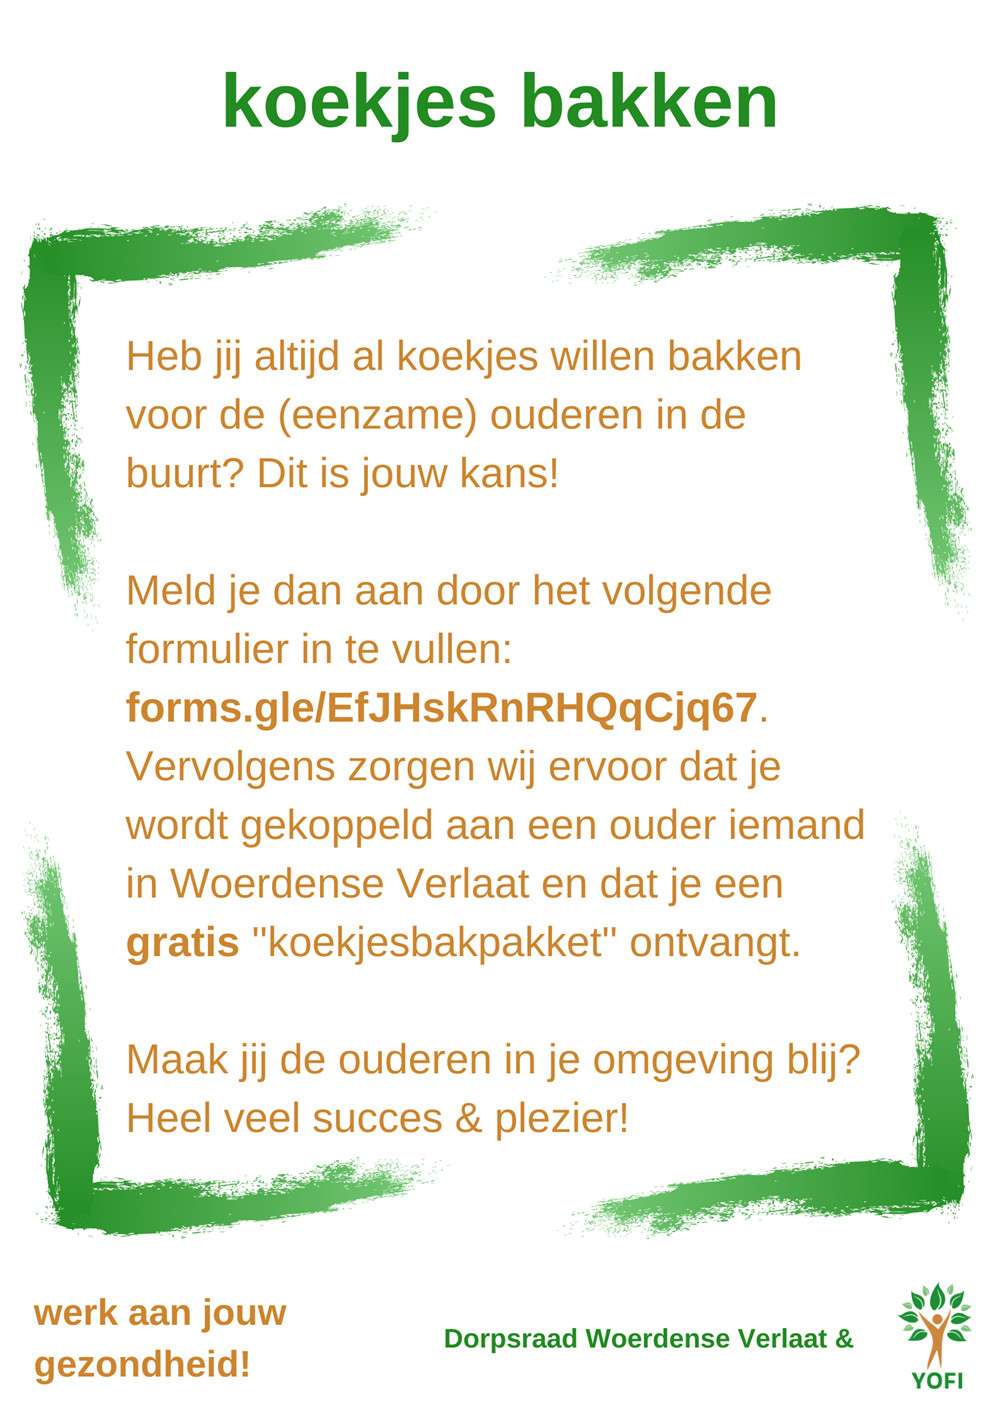 Poster_koekjes_bakken.png